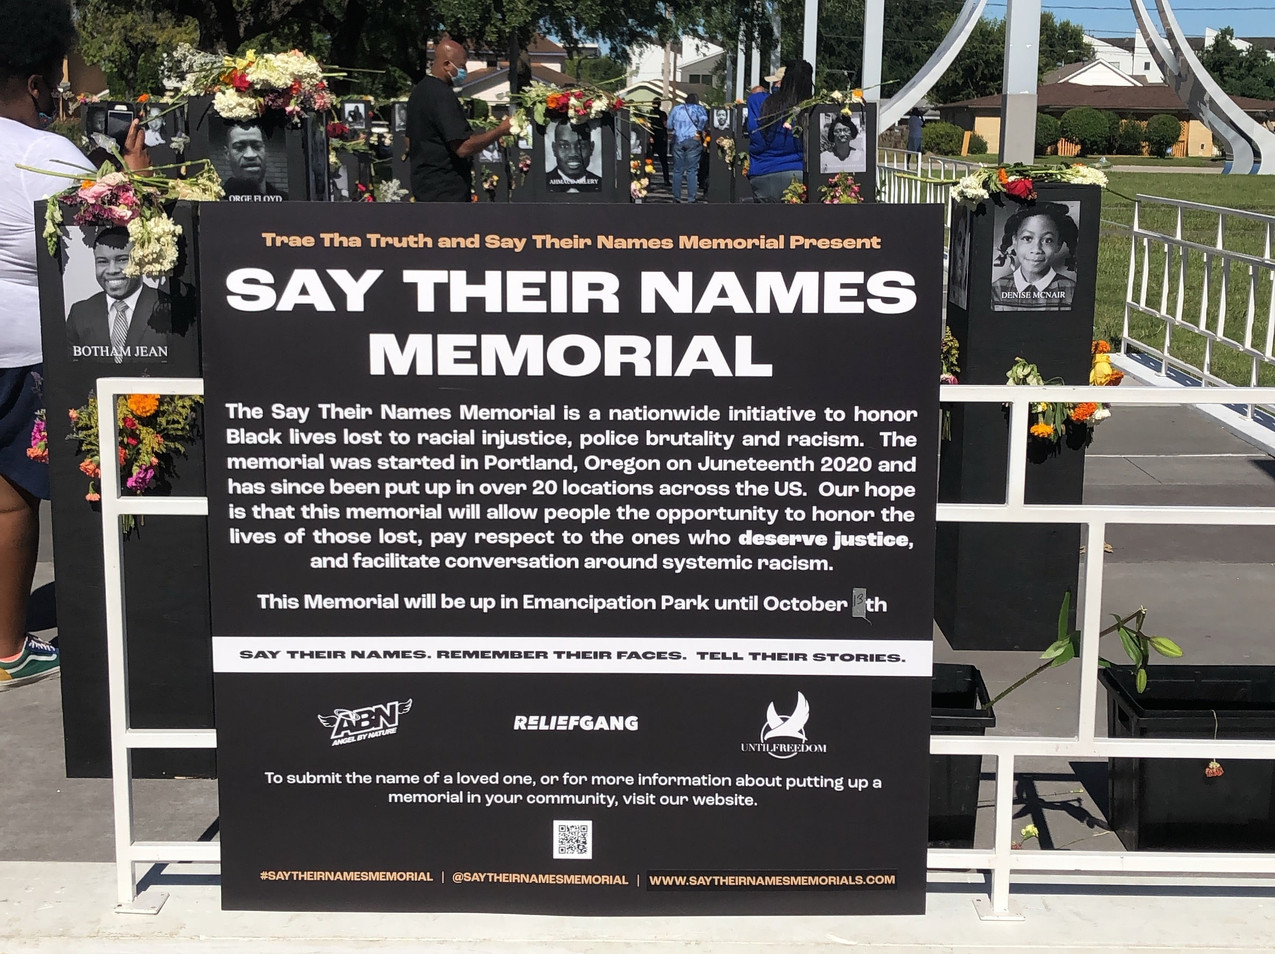 'Say Their Names' Memorial